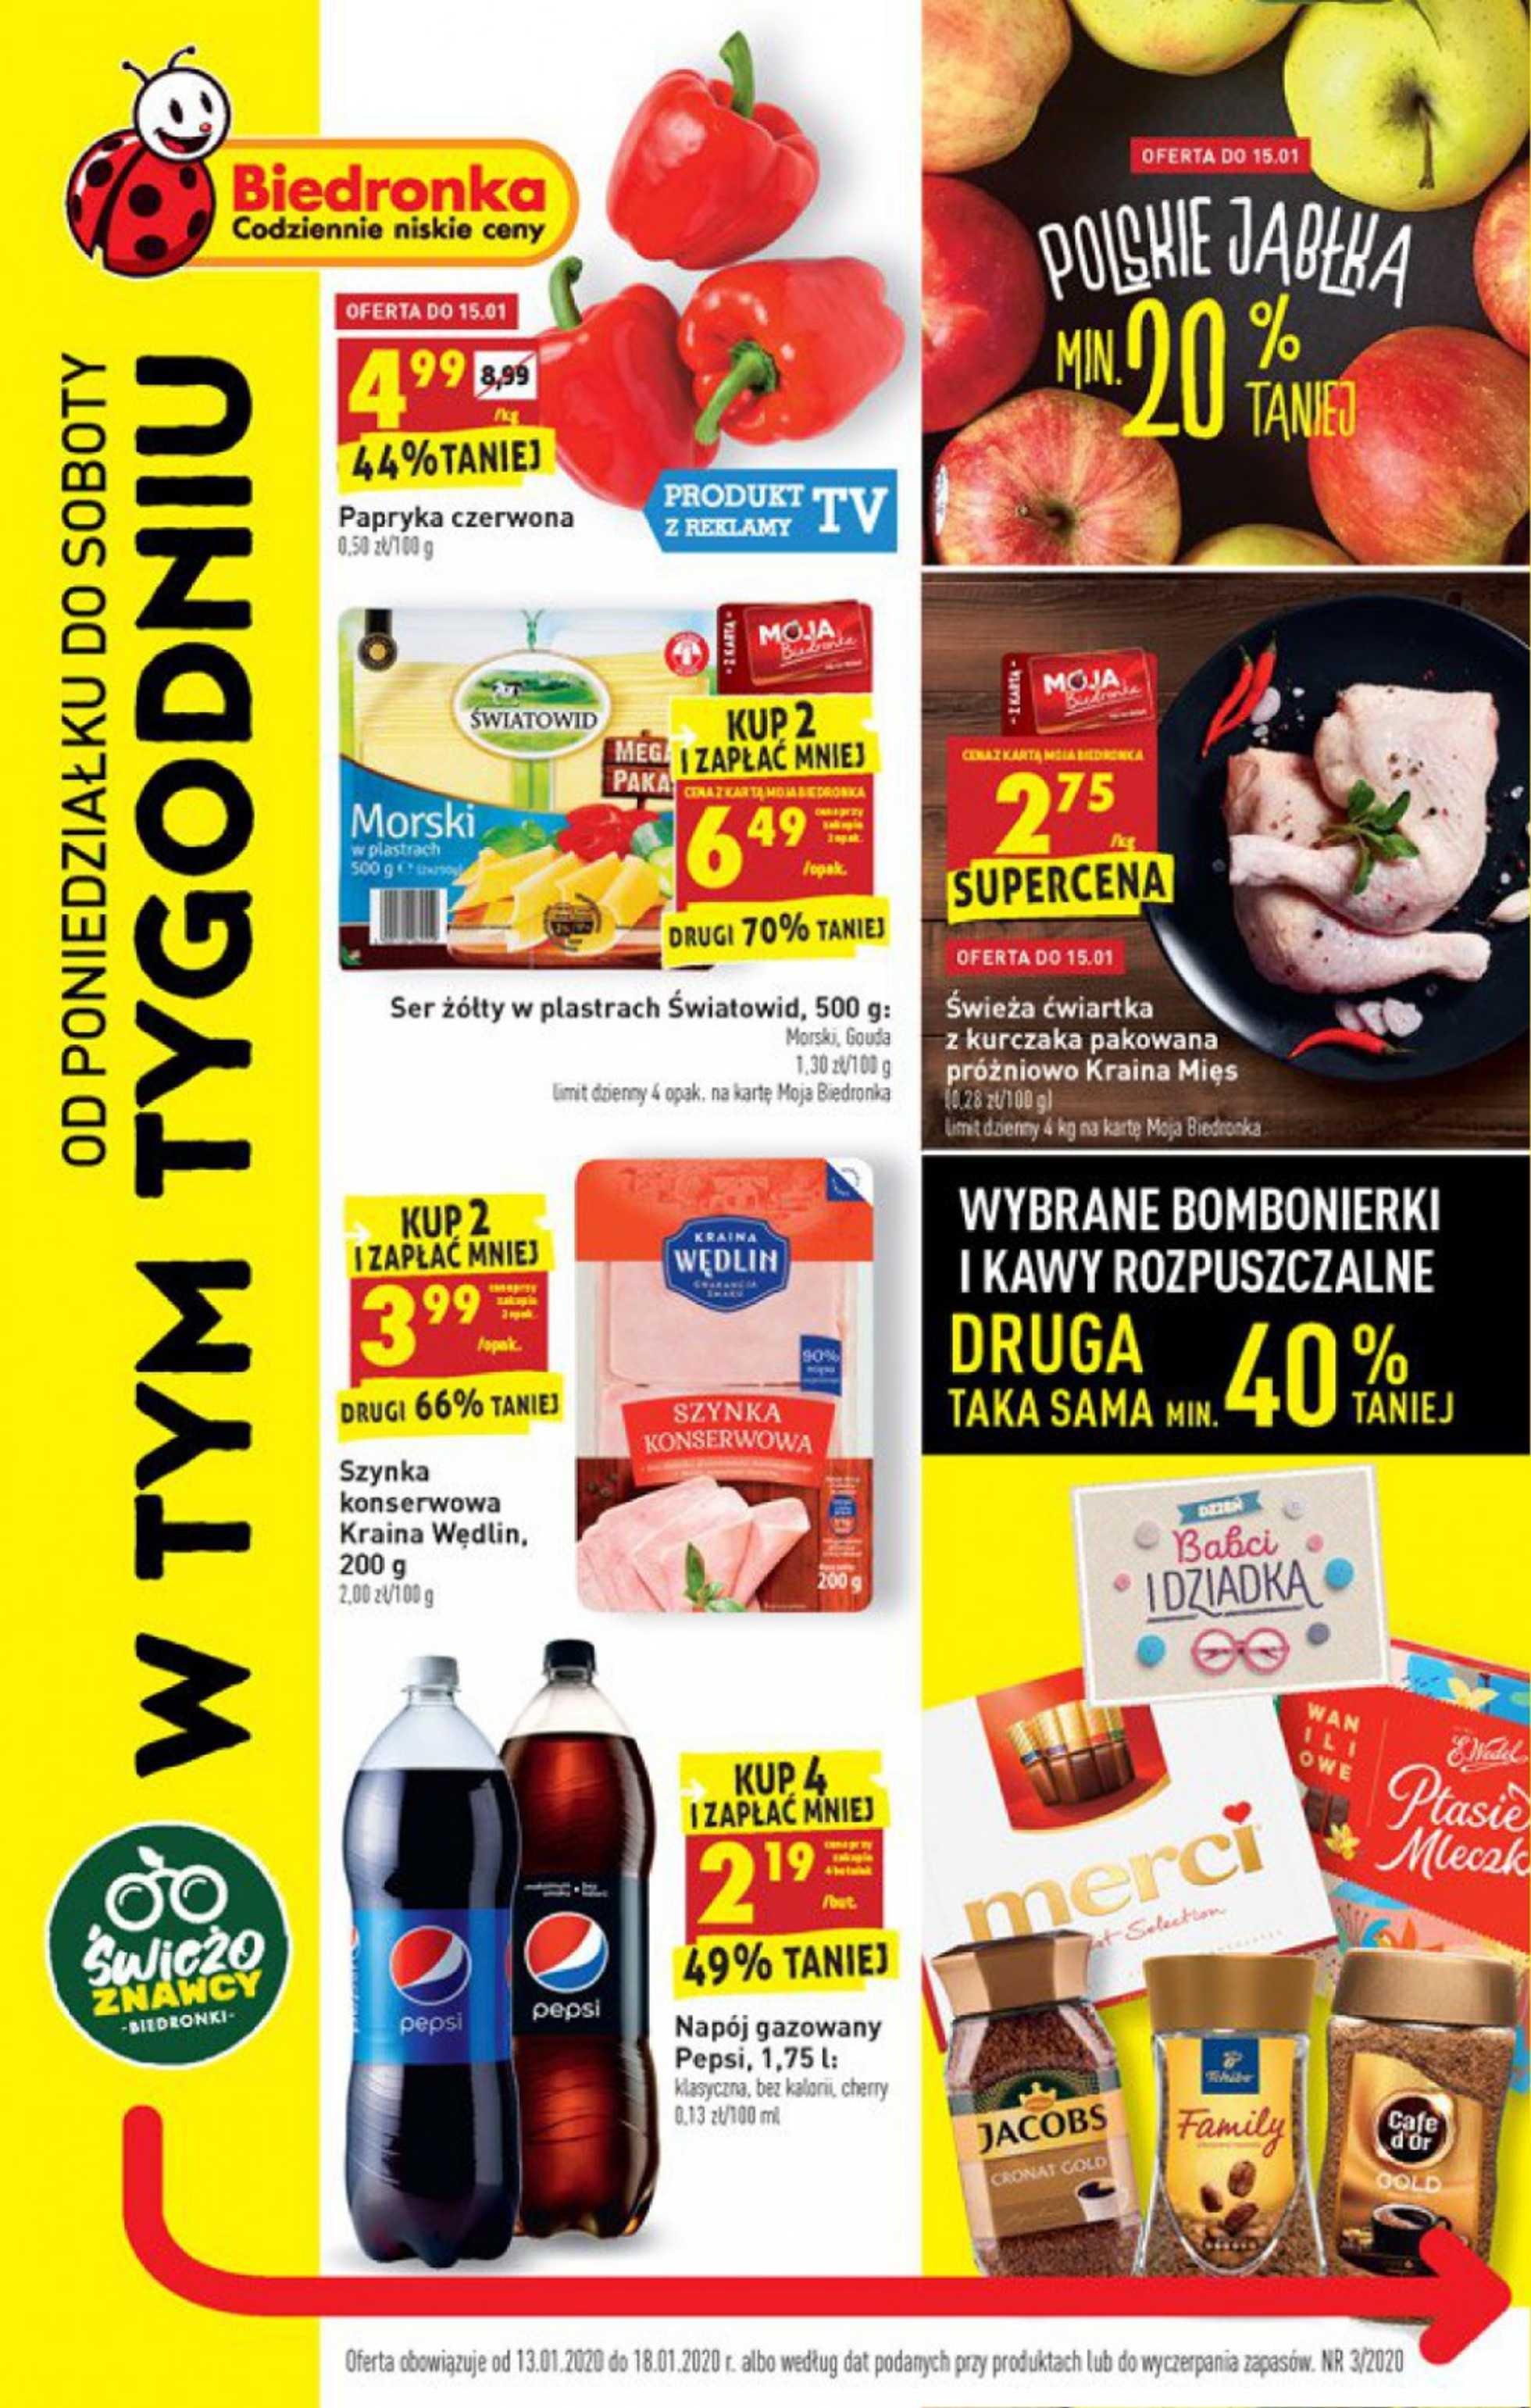 Biedronka - gazetka promocyjna ważna od 13.01.2020 do 18.01.2020 - strona 1.